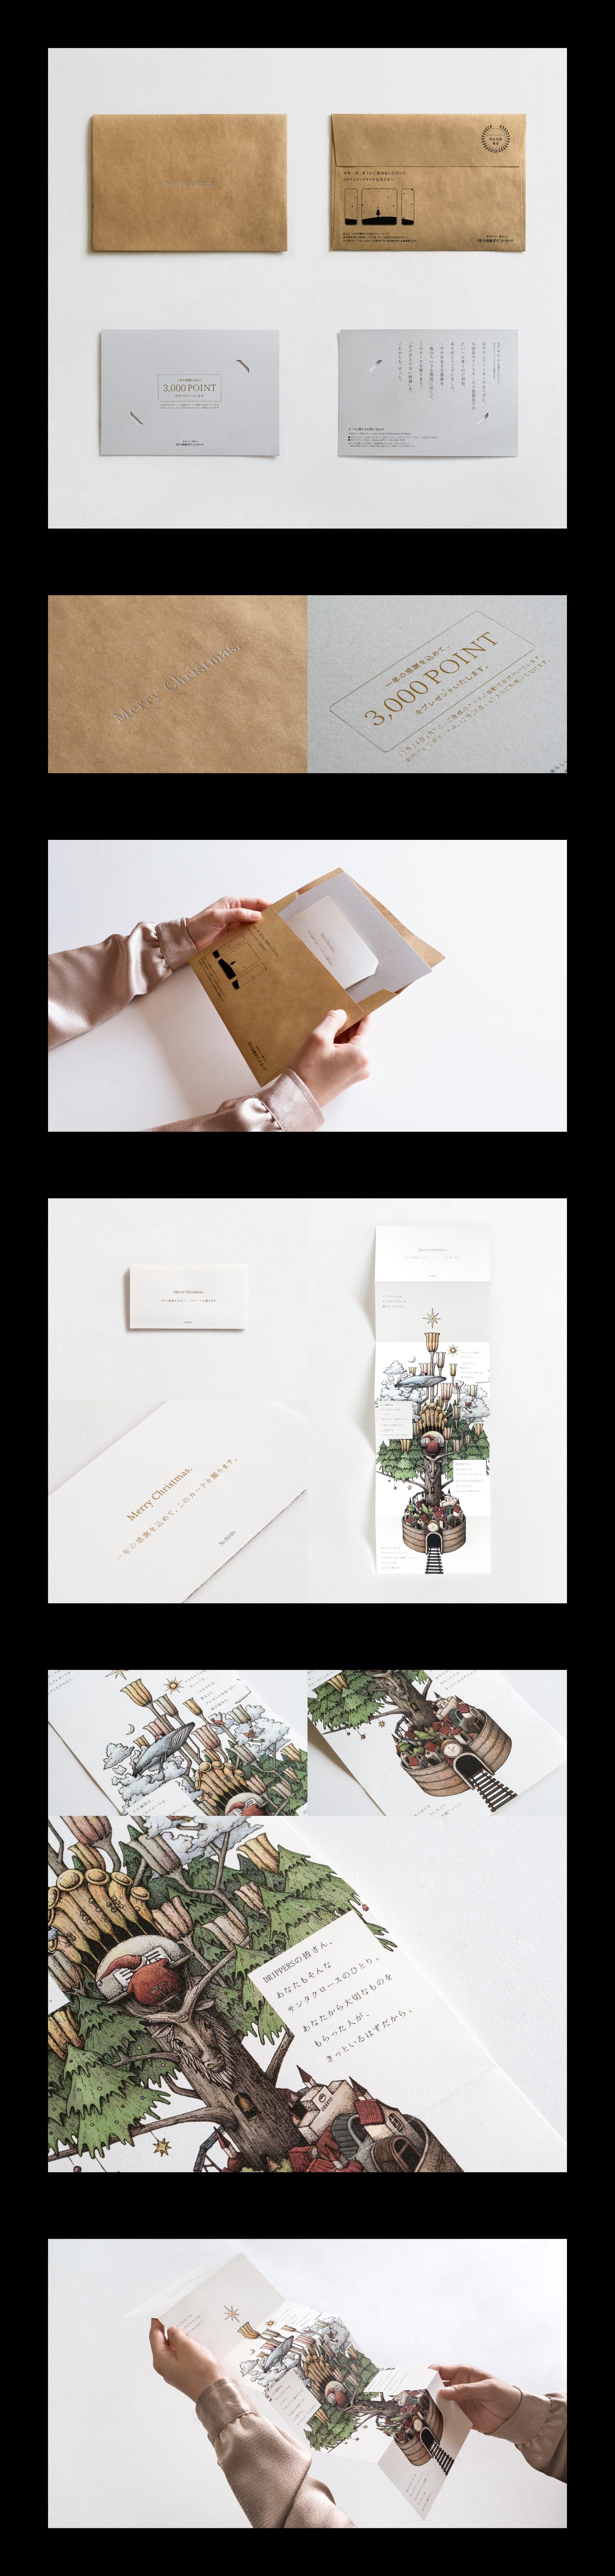 小田急電鉄 OPカード<br>Christmas Card 201803